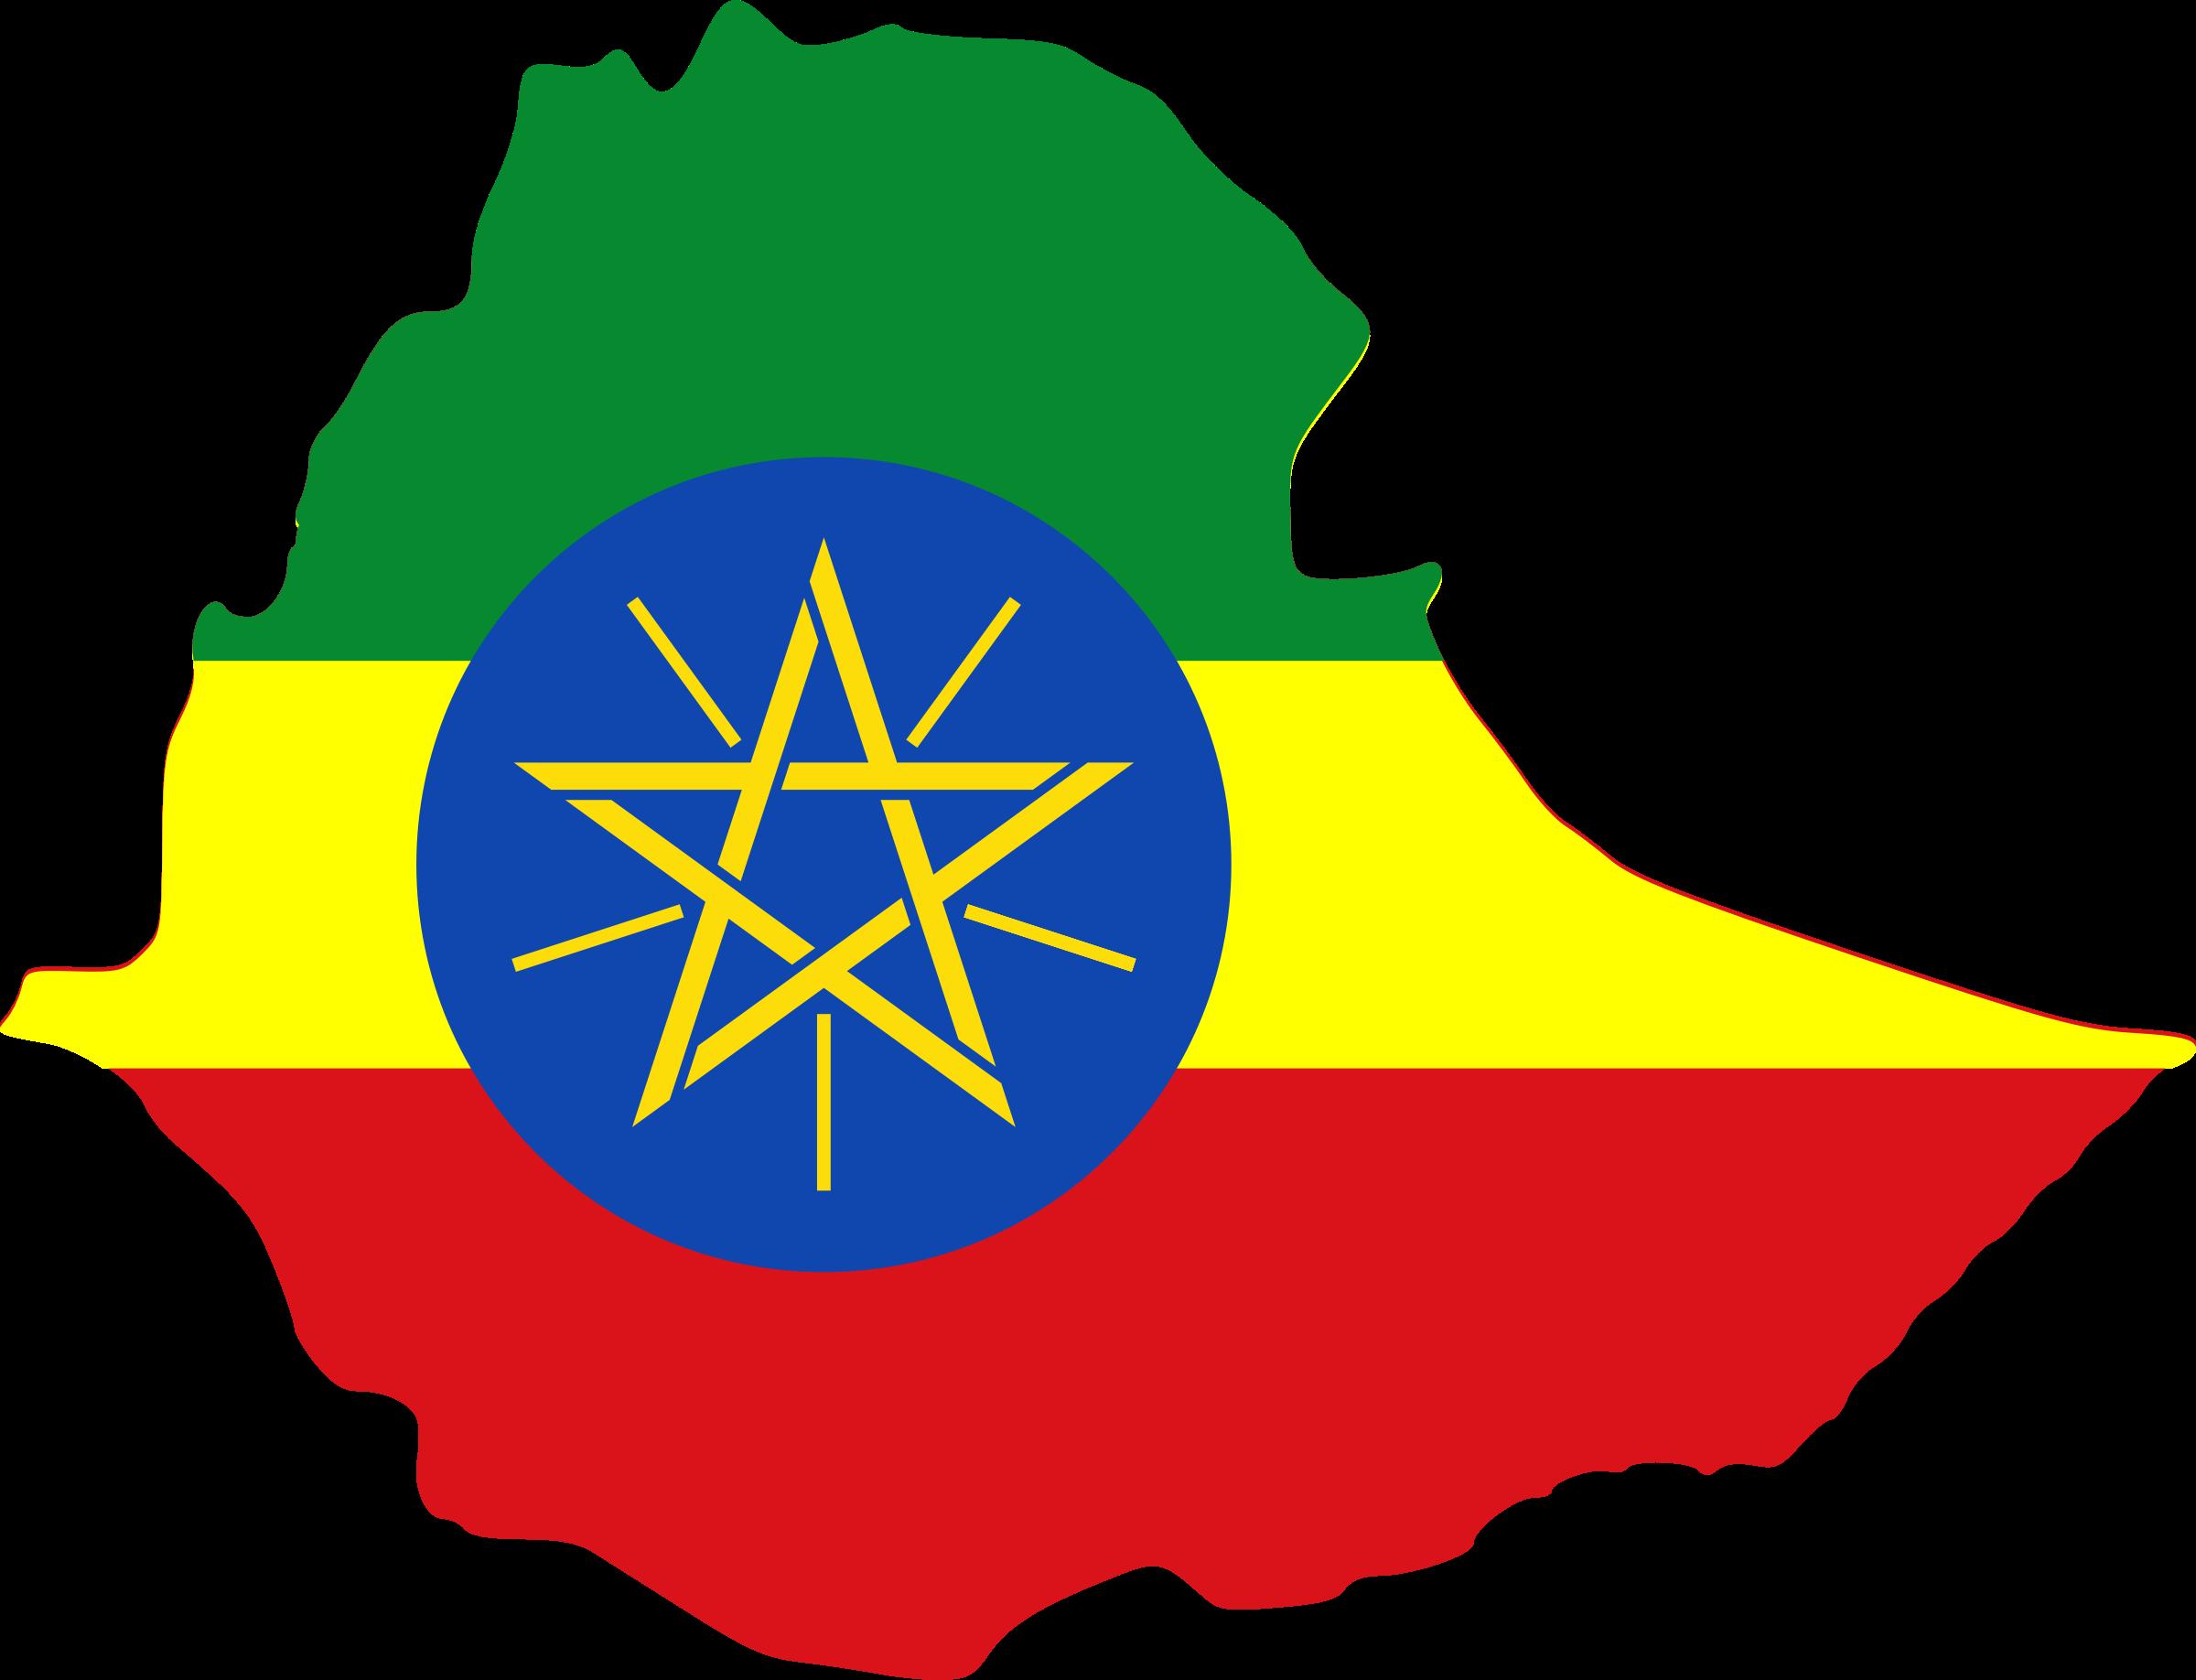 Clipart Ethiopia Map Flag - Ethiopia map